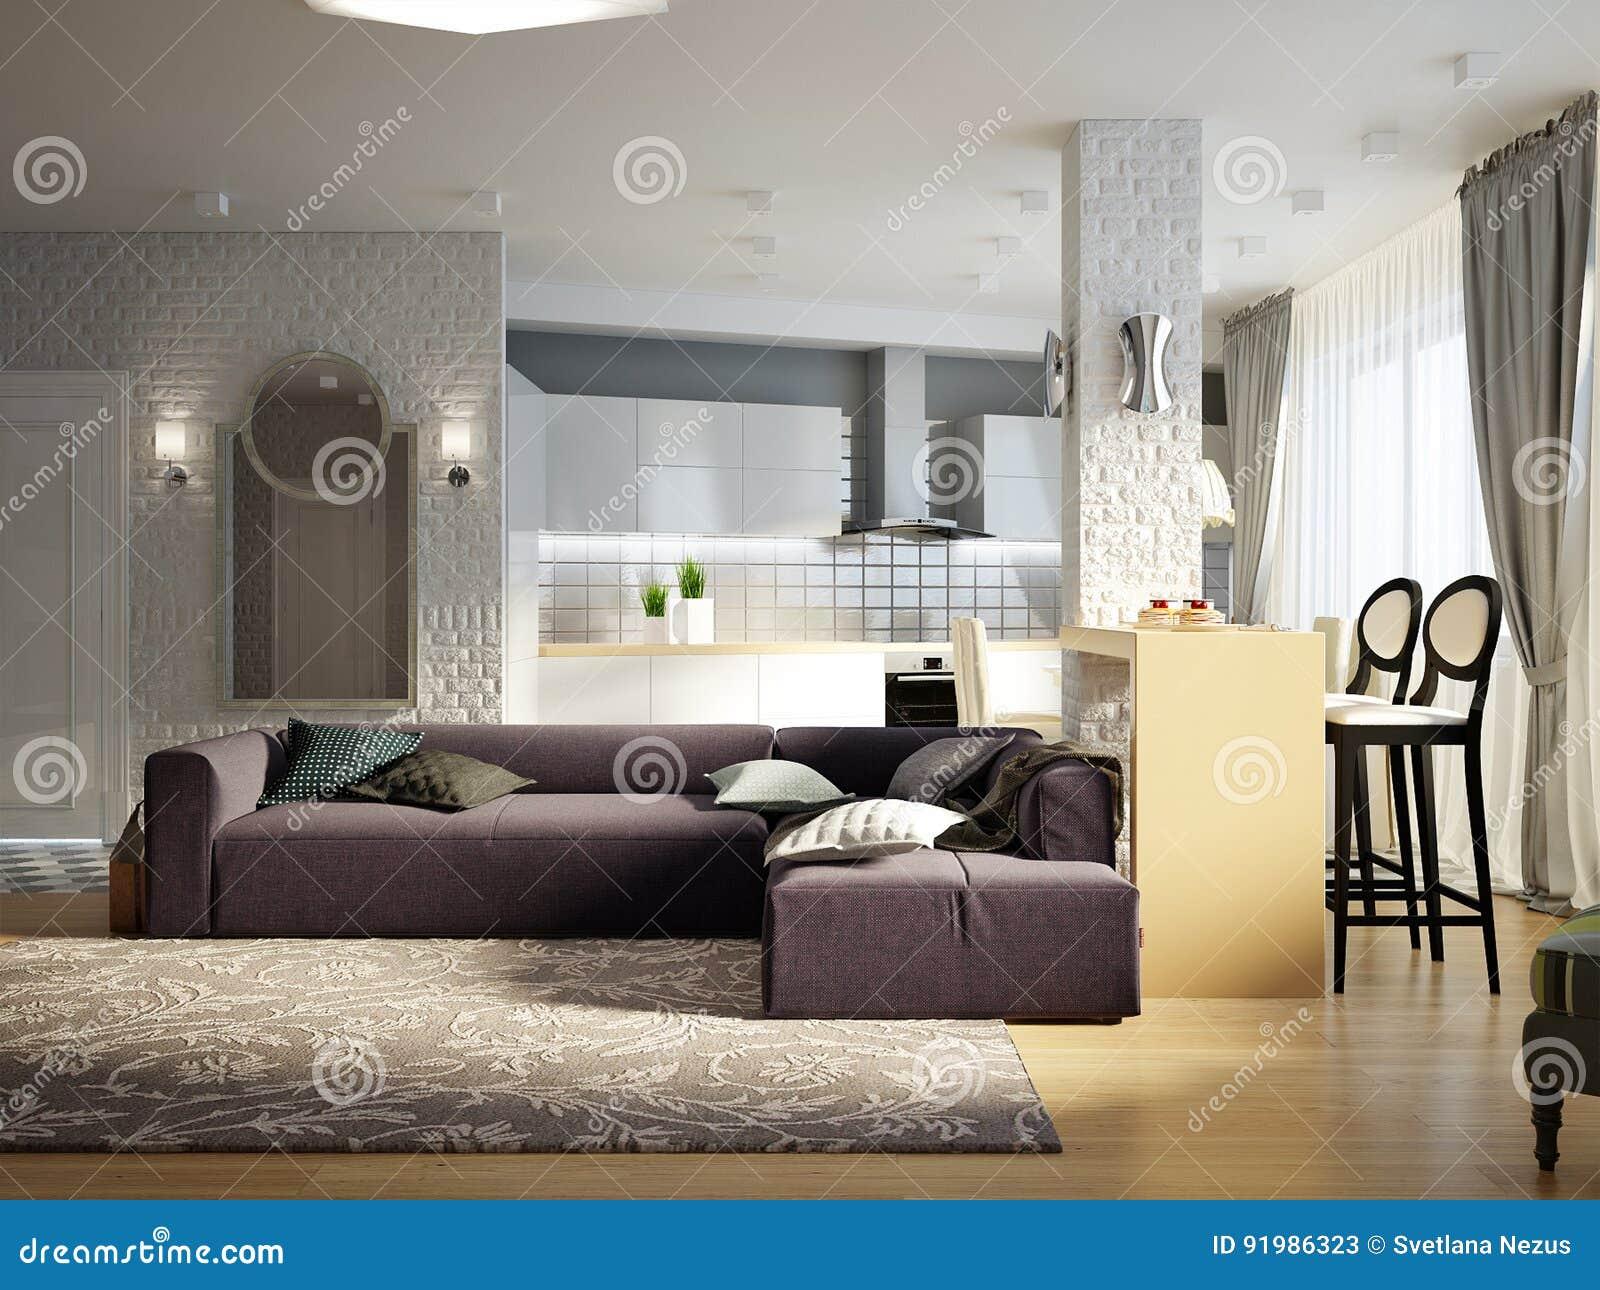 Moderne stedelijke eigentijdse studio open woonkamer eetkamer